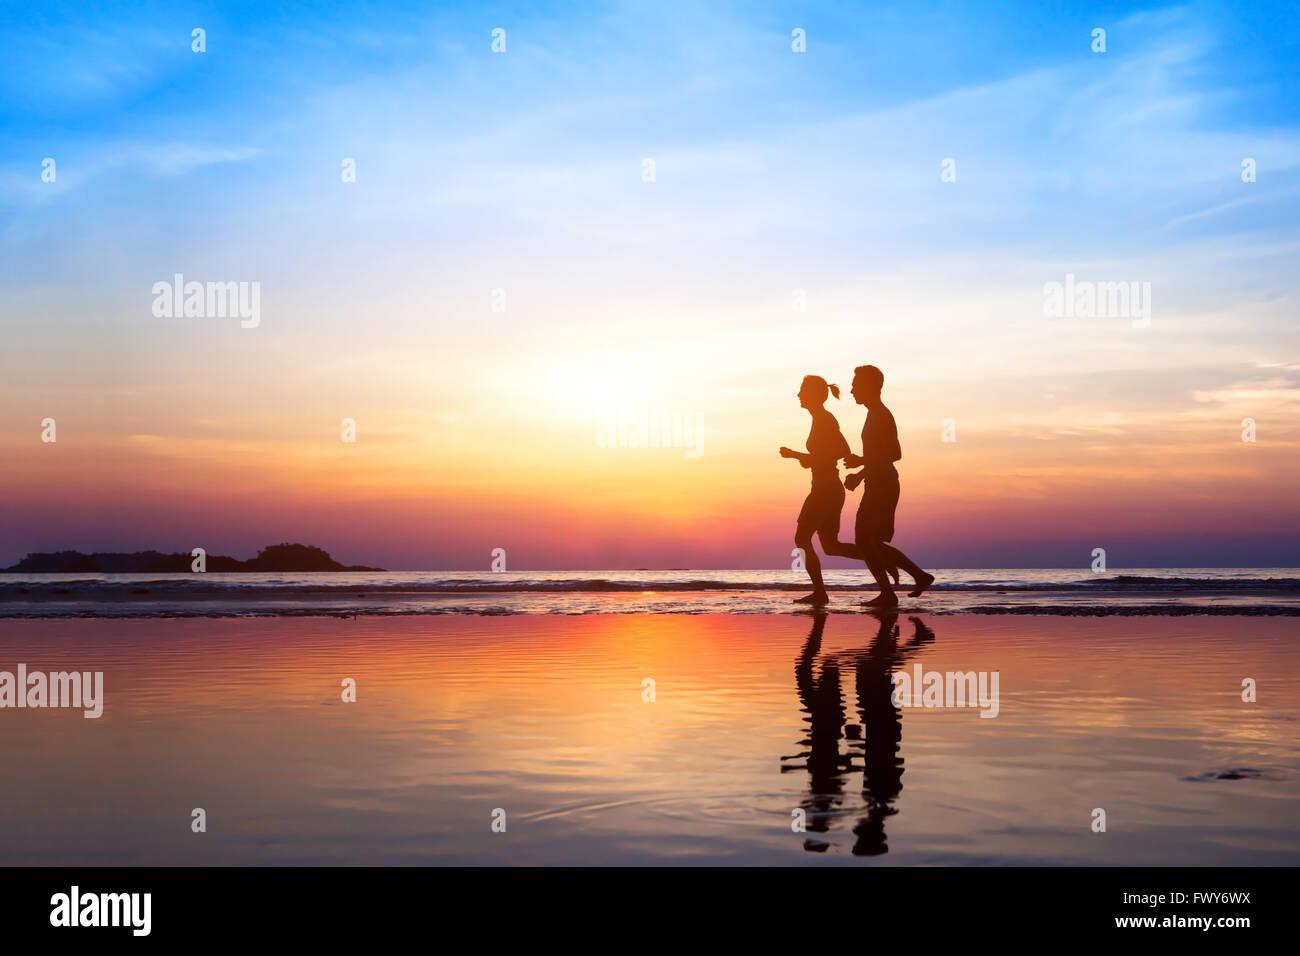 Antecedentes de entrenamiento, dos personas haciendo footing por la playa al atardecer, corredores siluetas, concepto Imagen De Stock